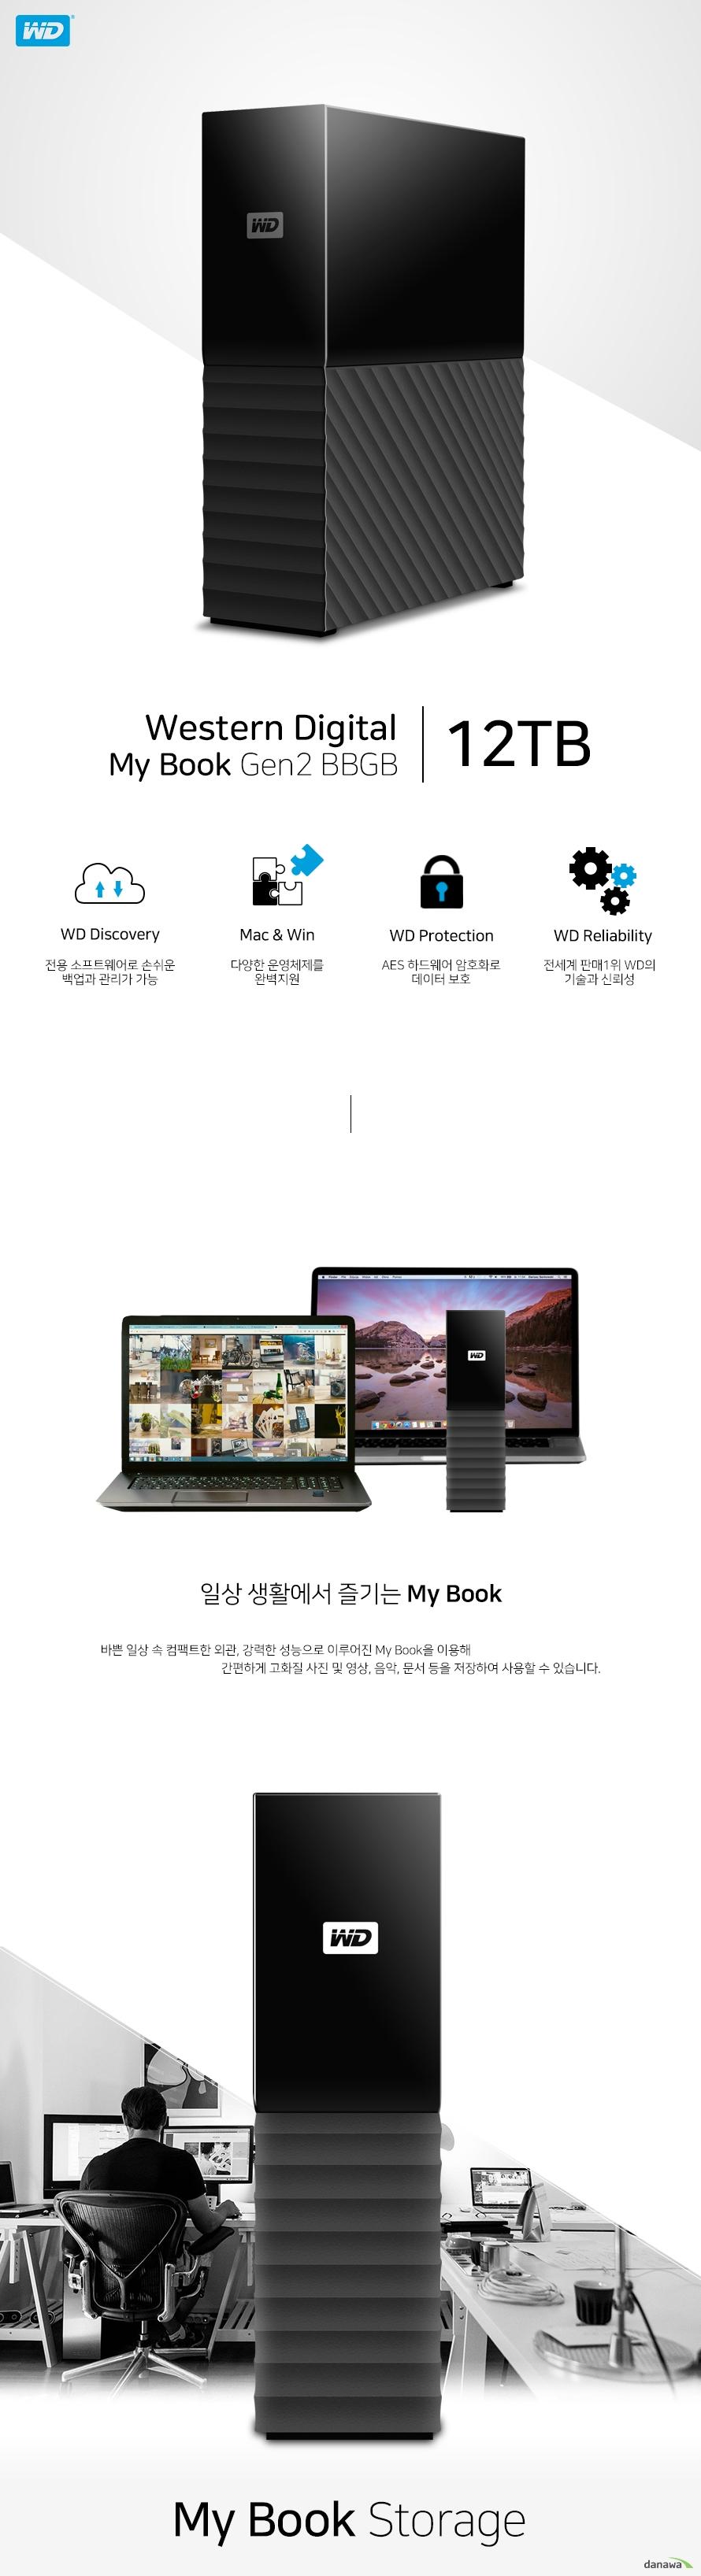 Western Digital WD My Book Gen2 BBGB (12TB)